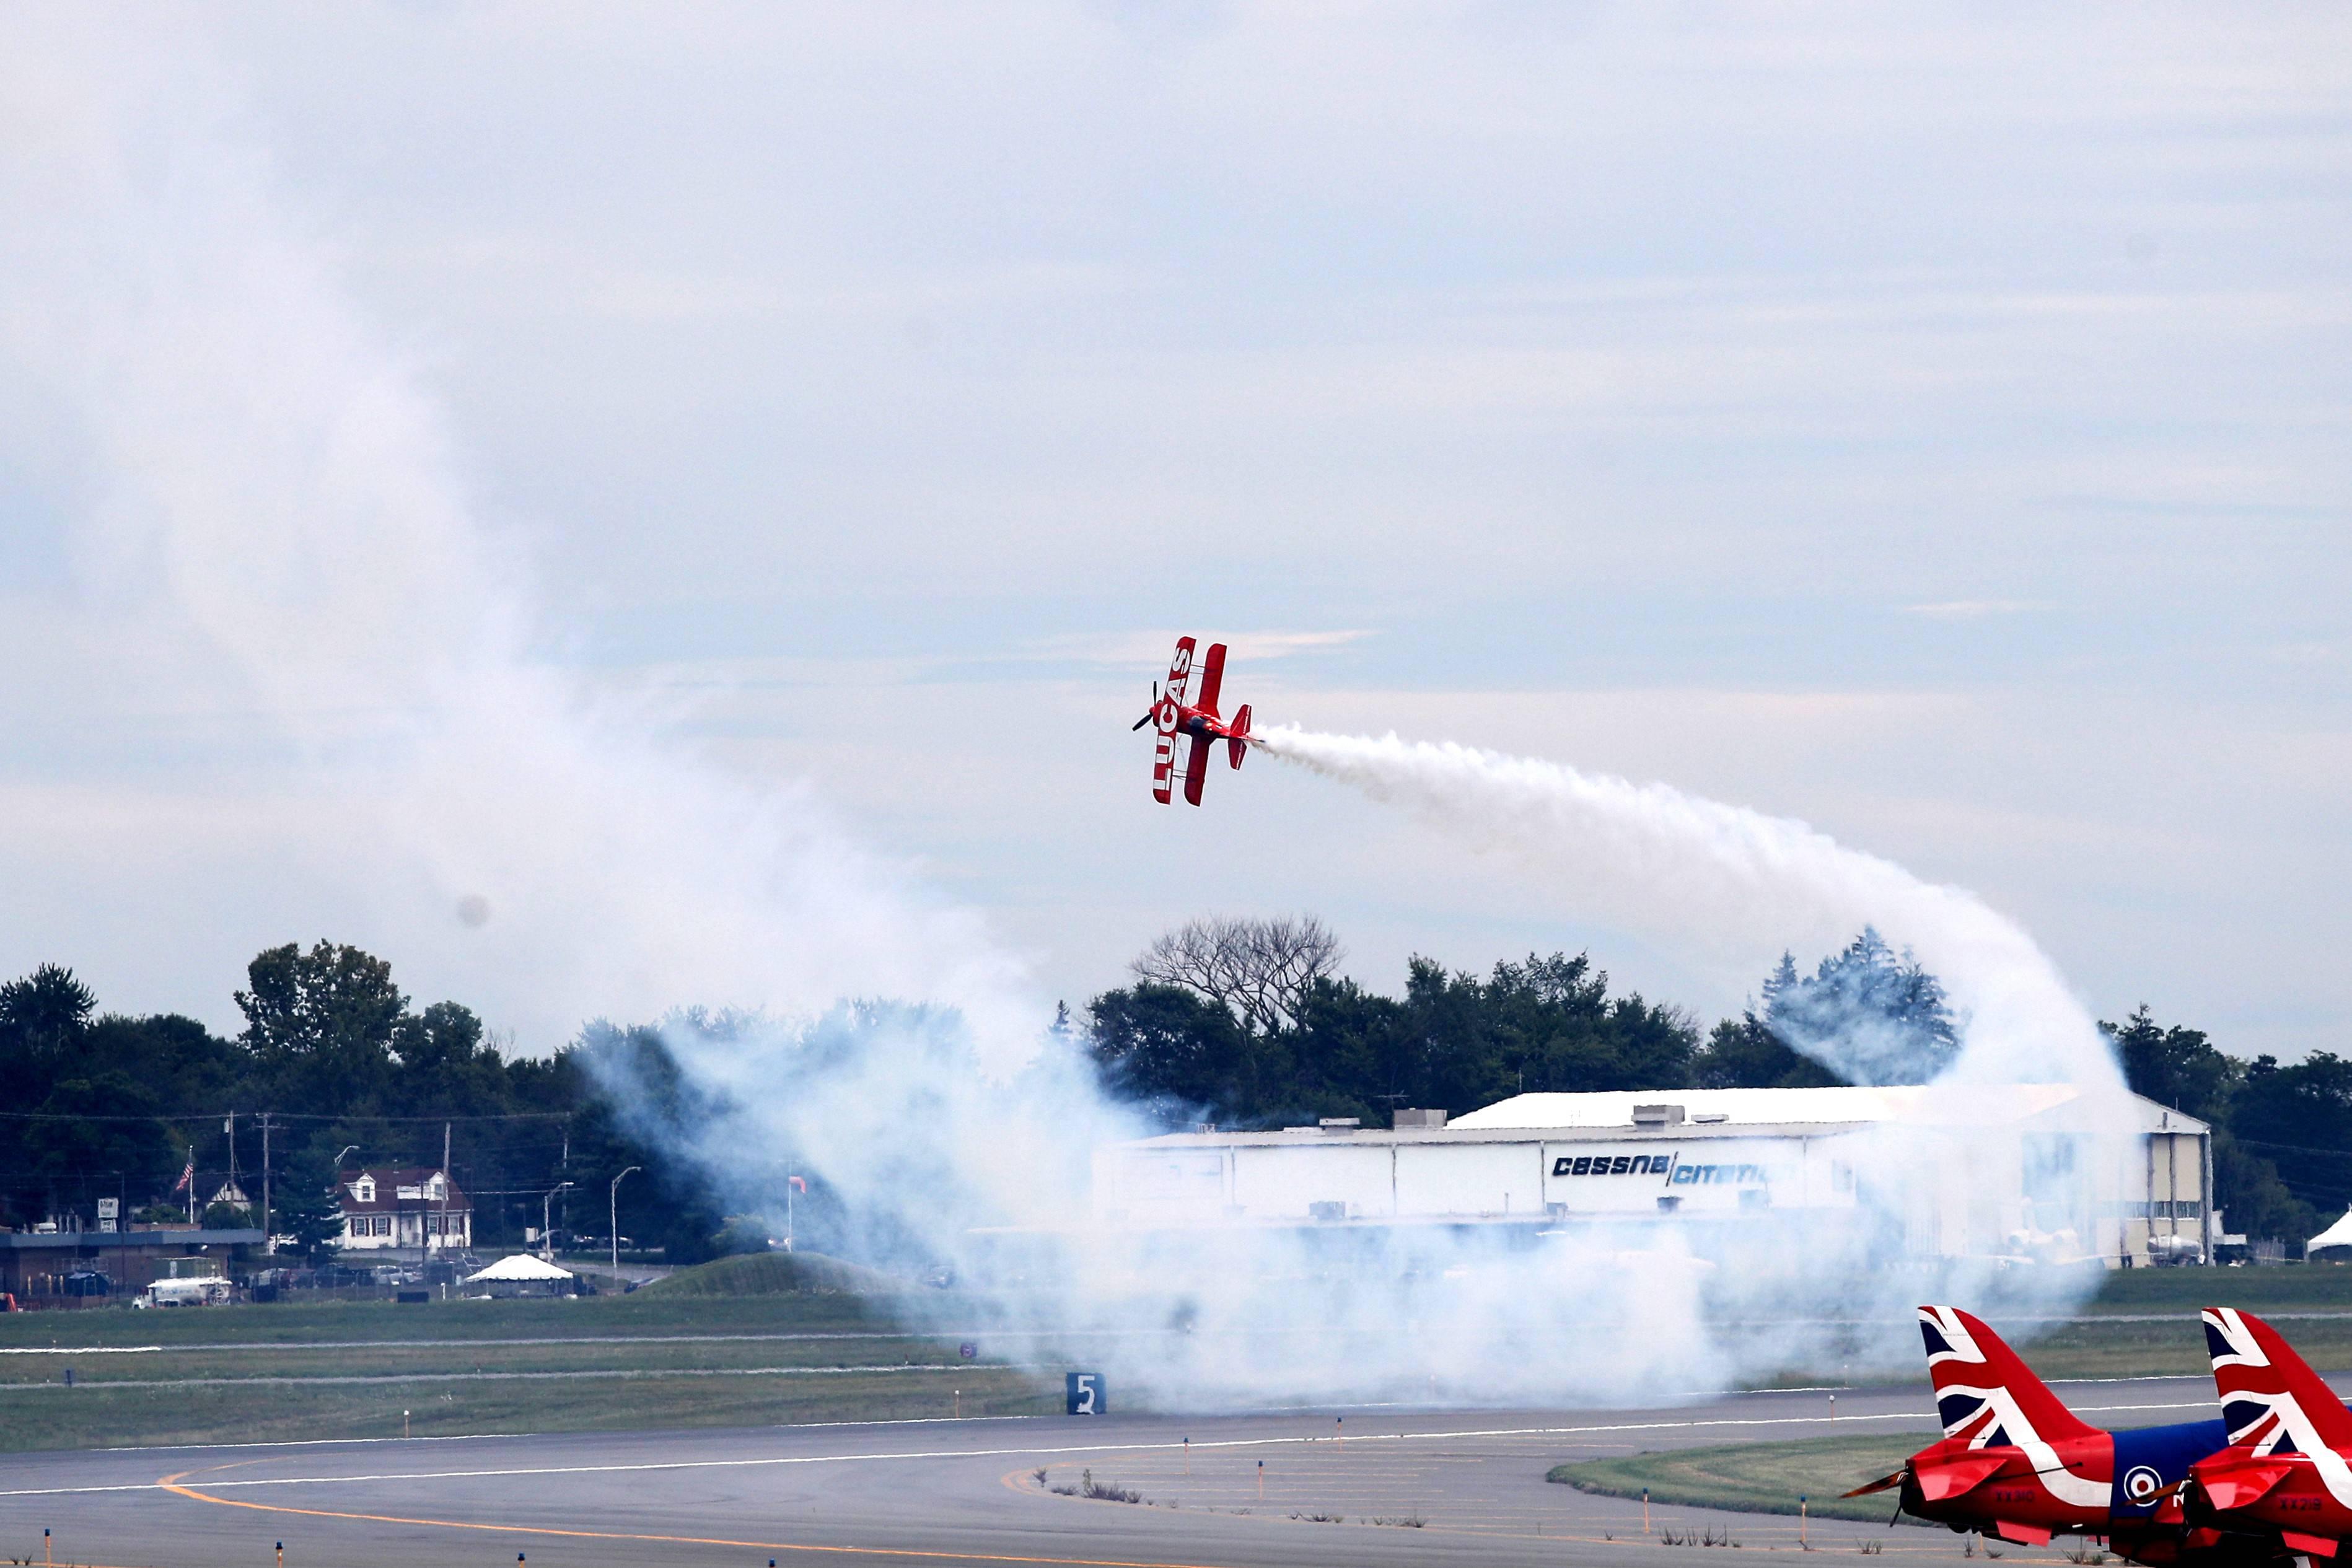 纽约国际航展即将开幕 参展飞机彩排炫技